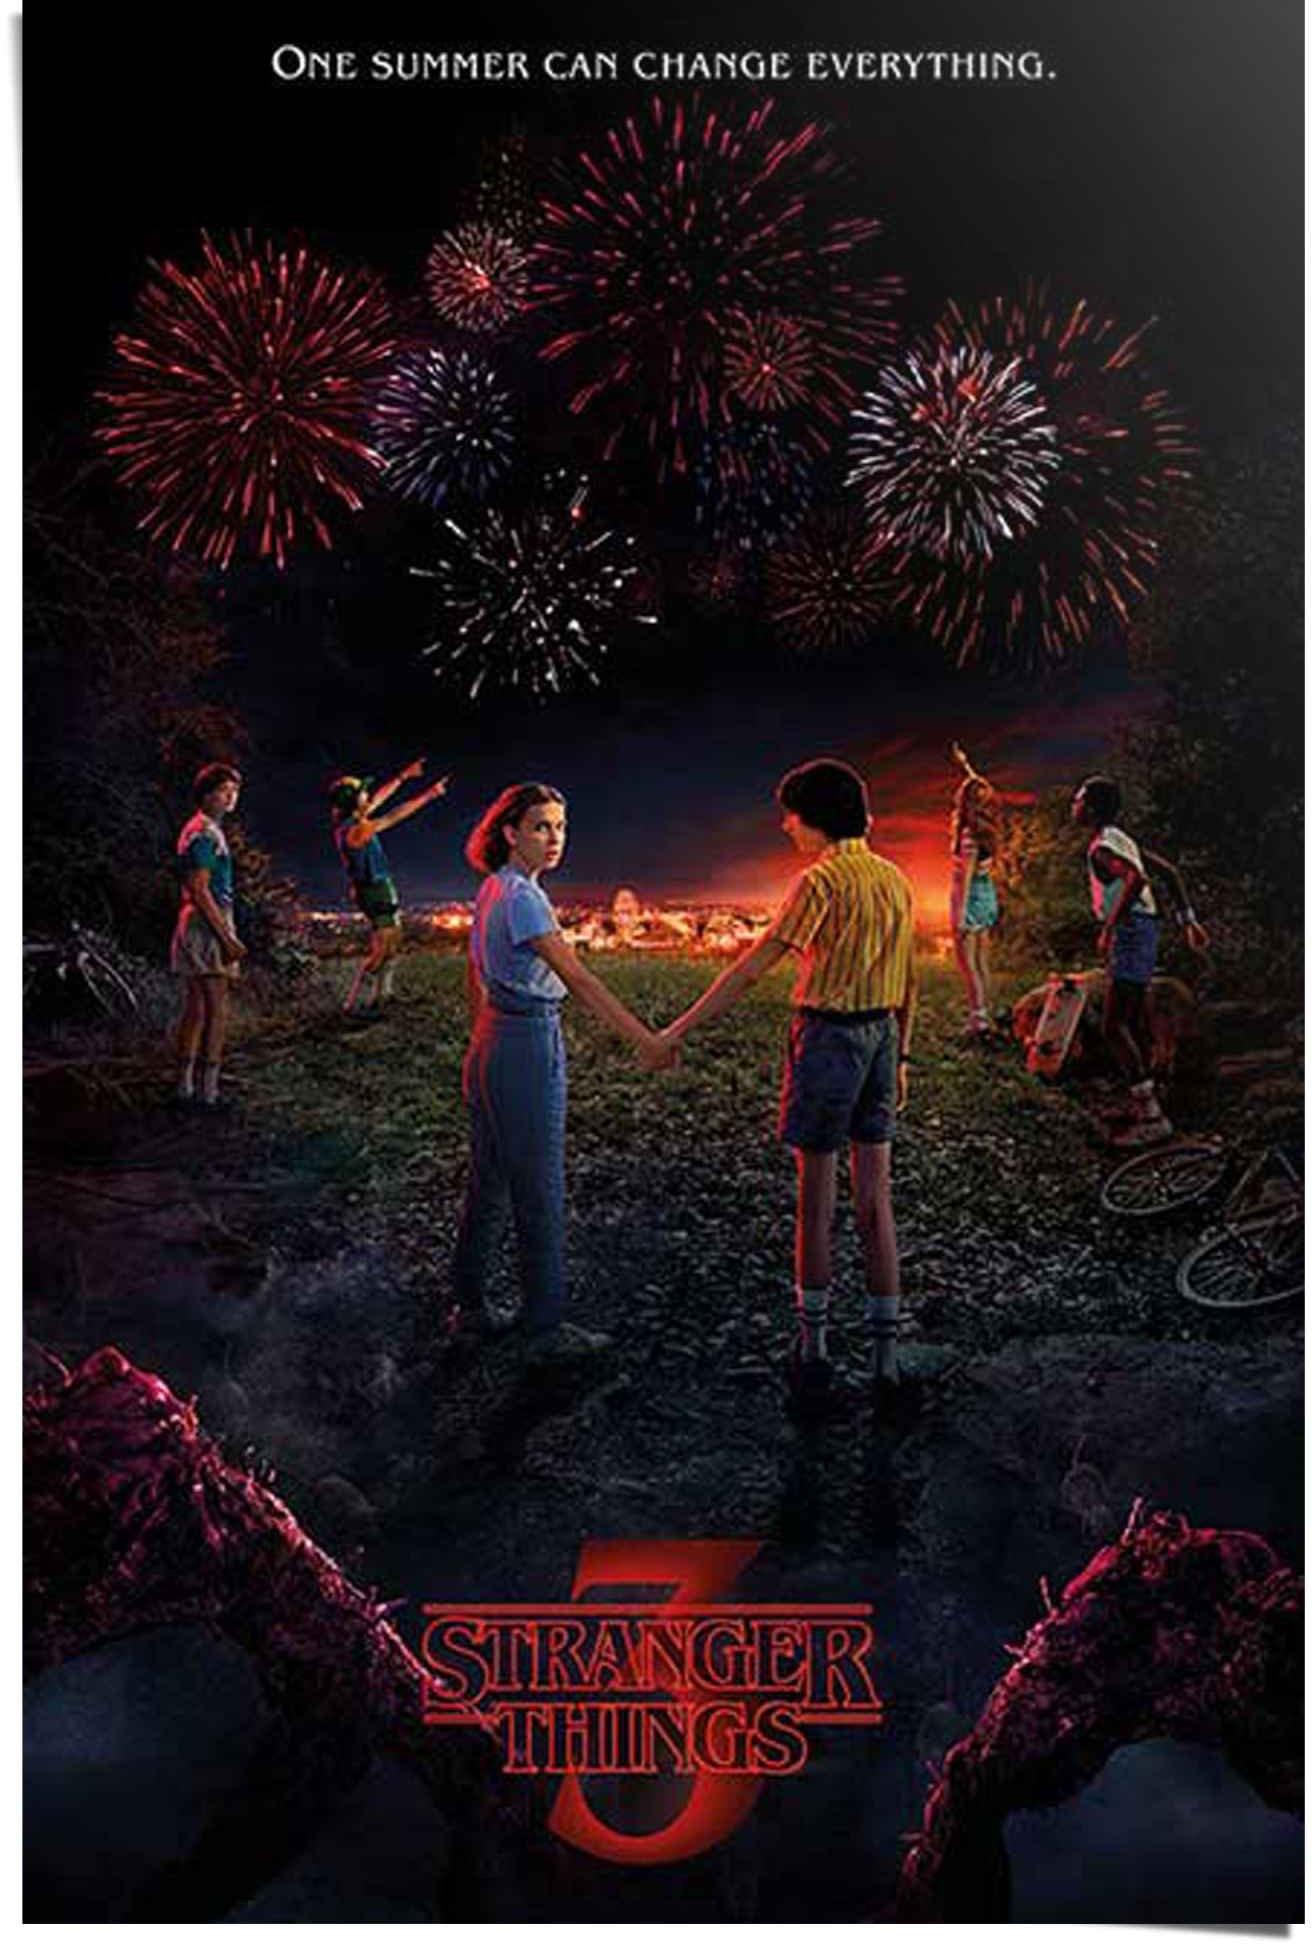 Reinders! poster Stranger Things 3 One summer (1 stuk) bestellen: 30 dagen bedenktijd